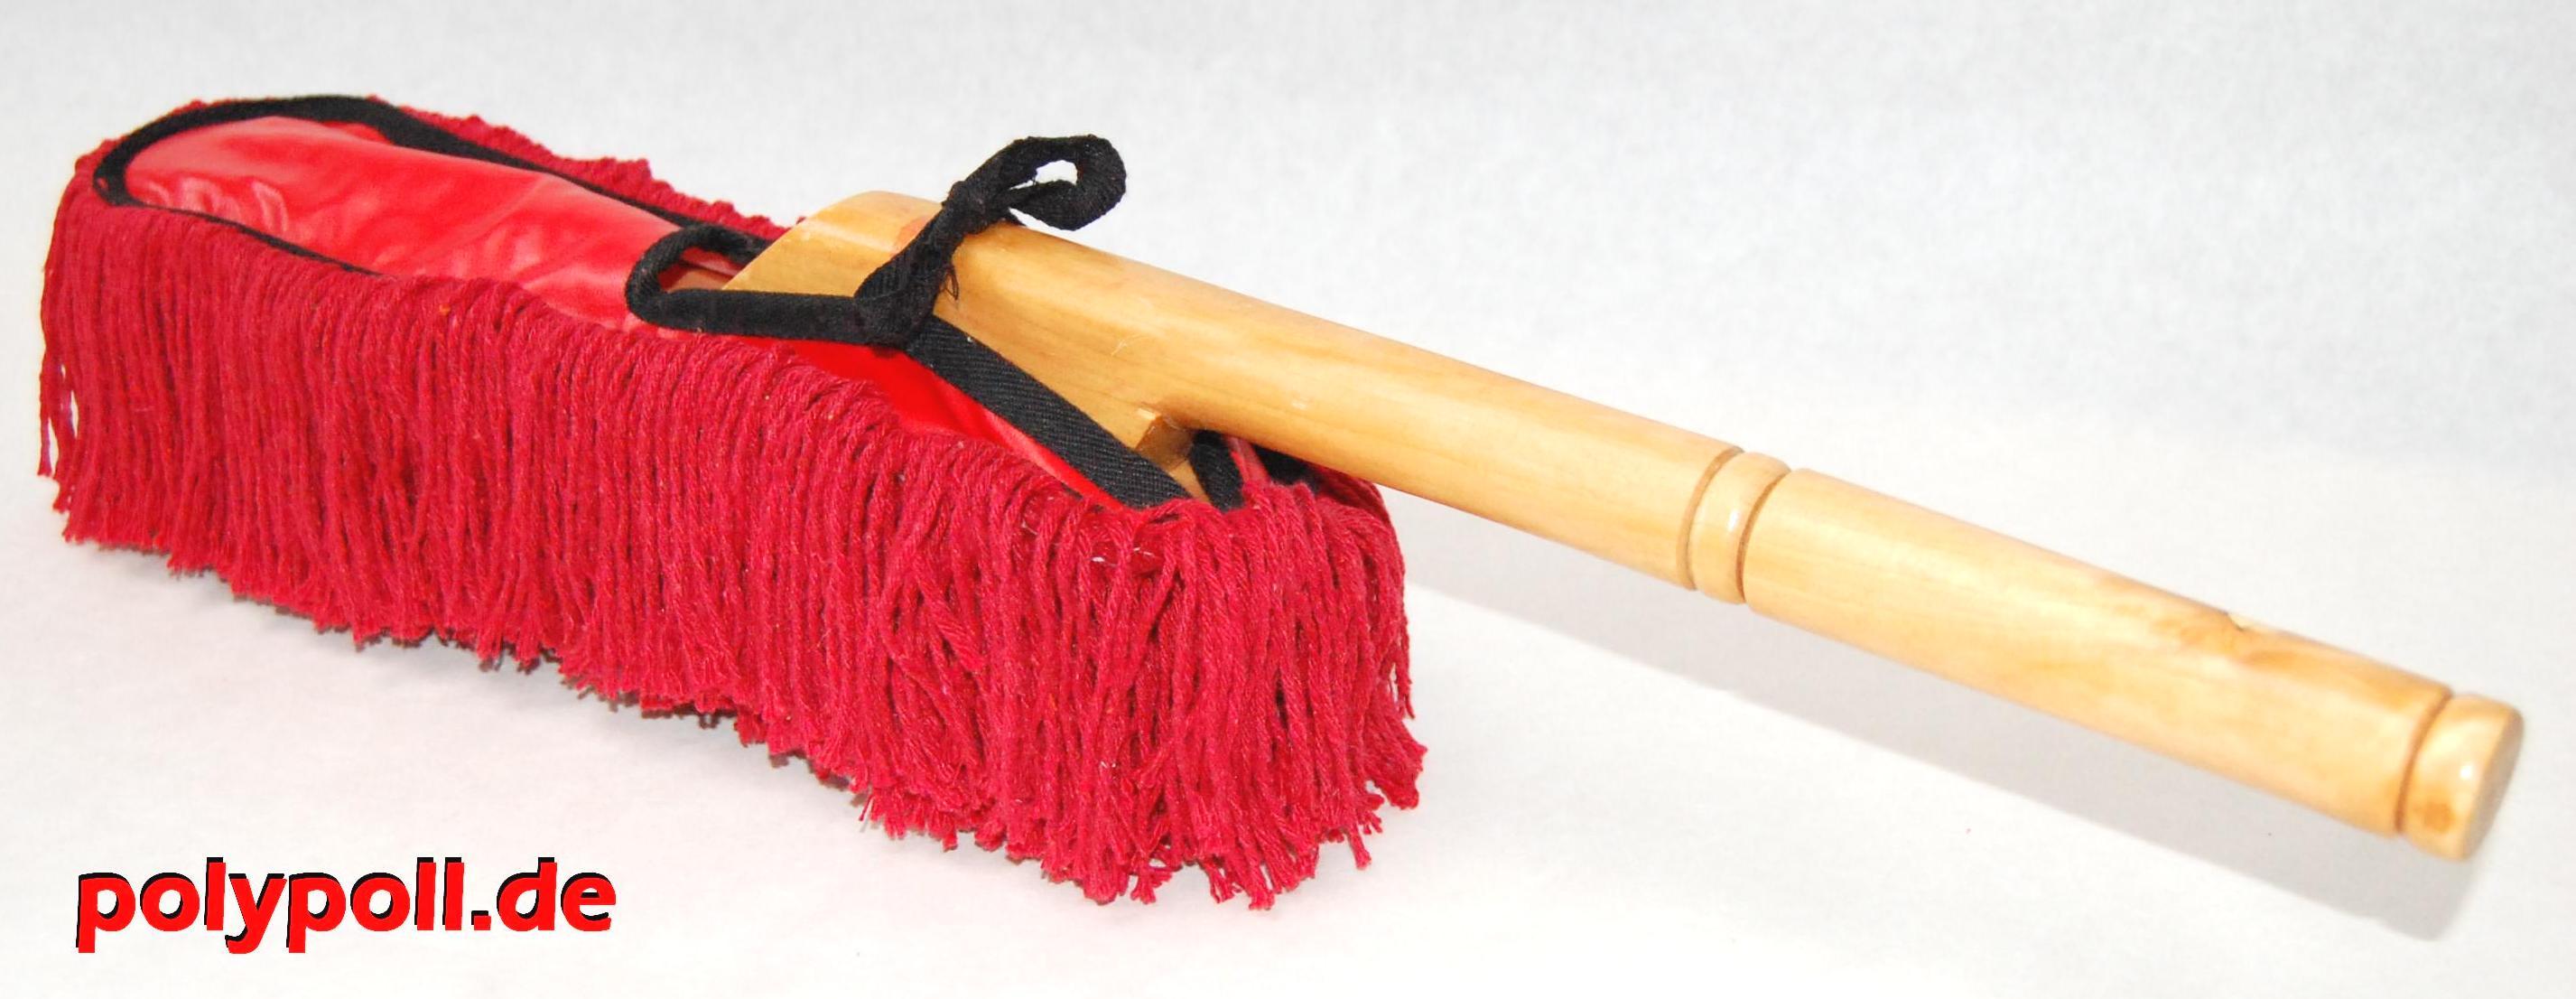 polypoll auto duster dein h ndler f r die reinigung. Black Bedroom Furniture Sets. Home Design Ideas